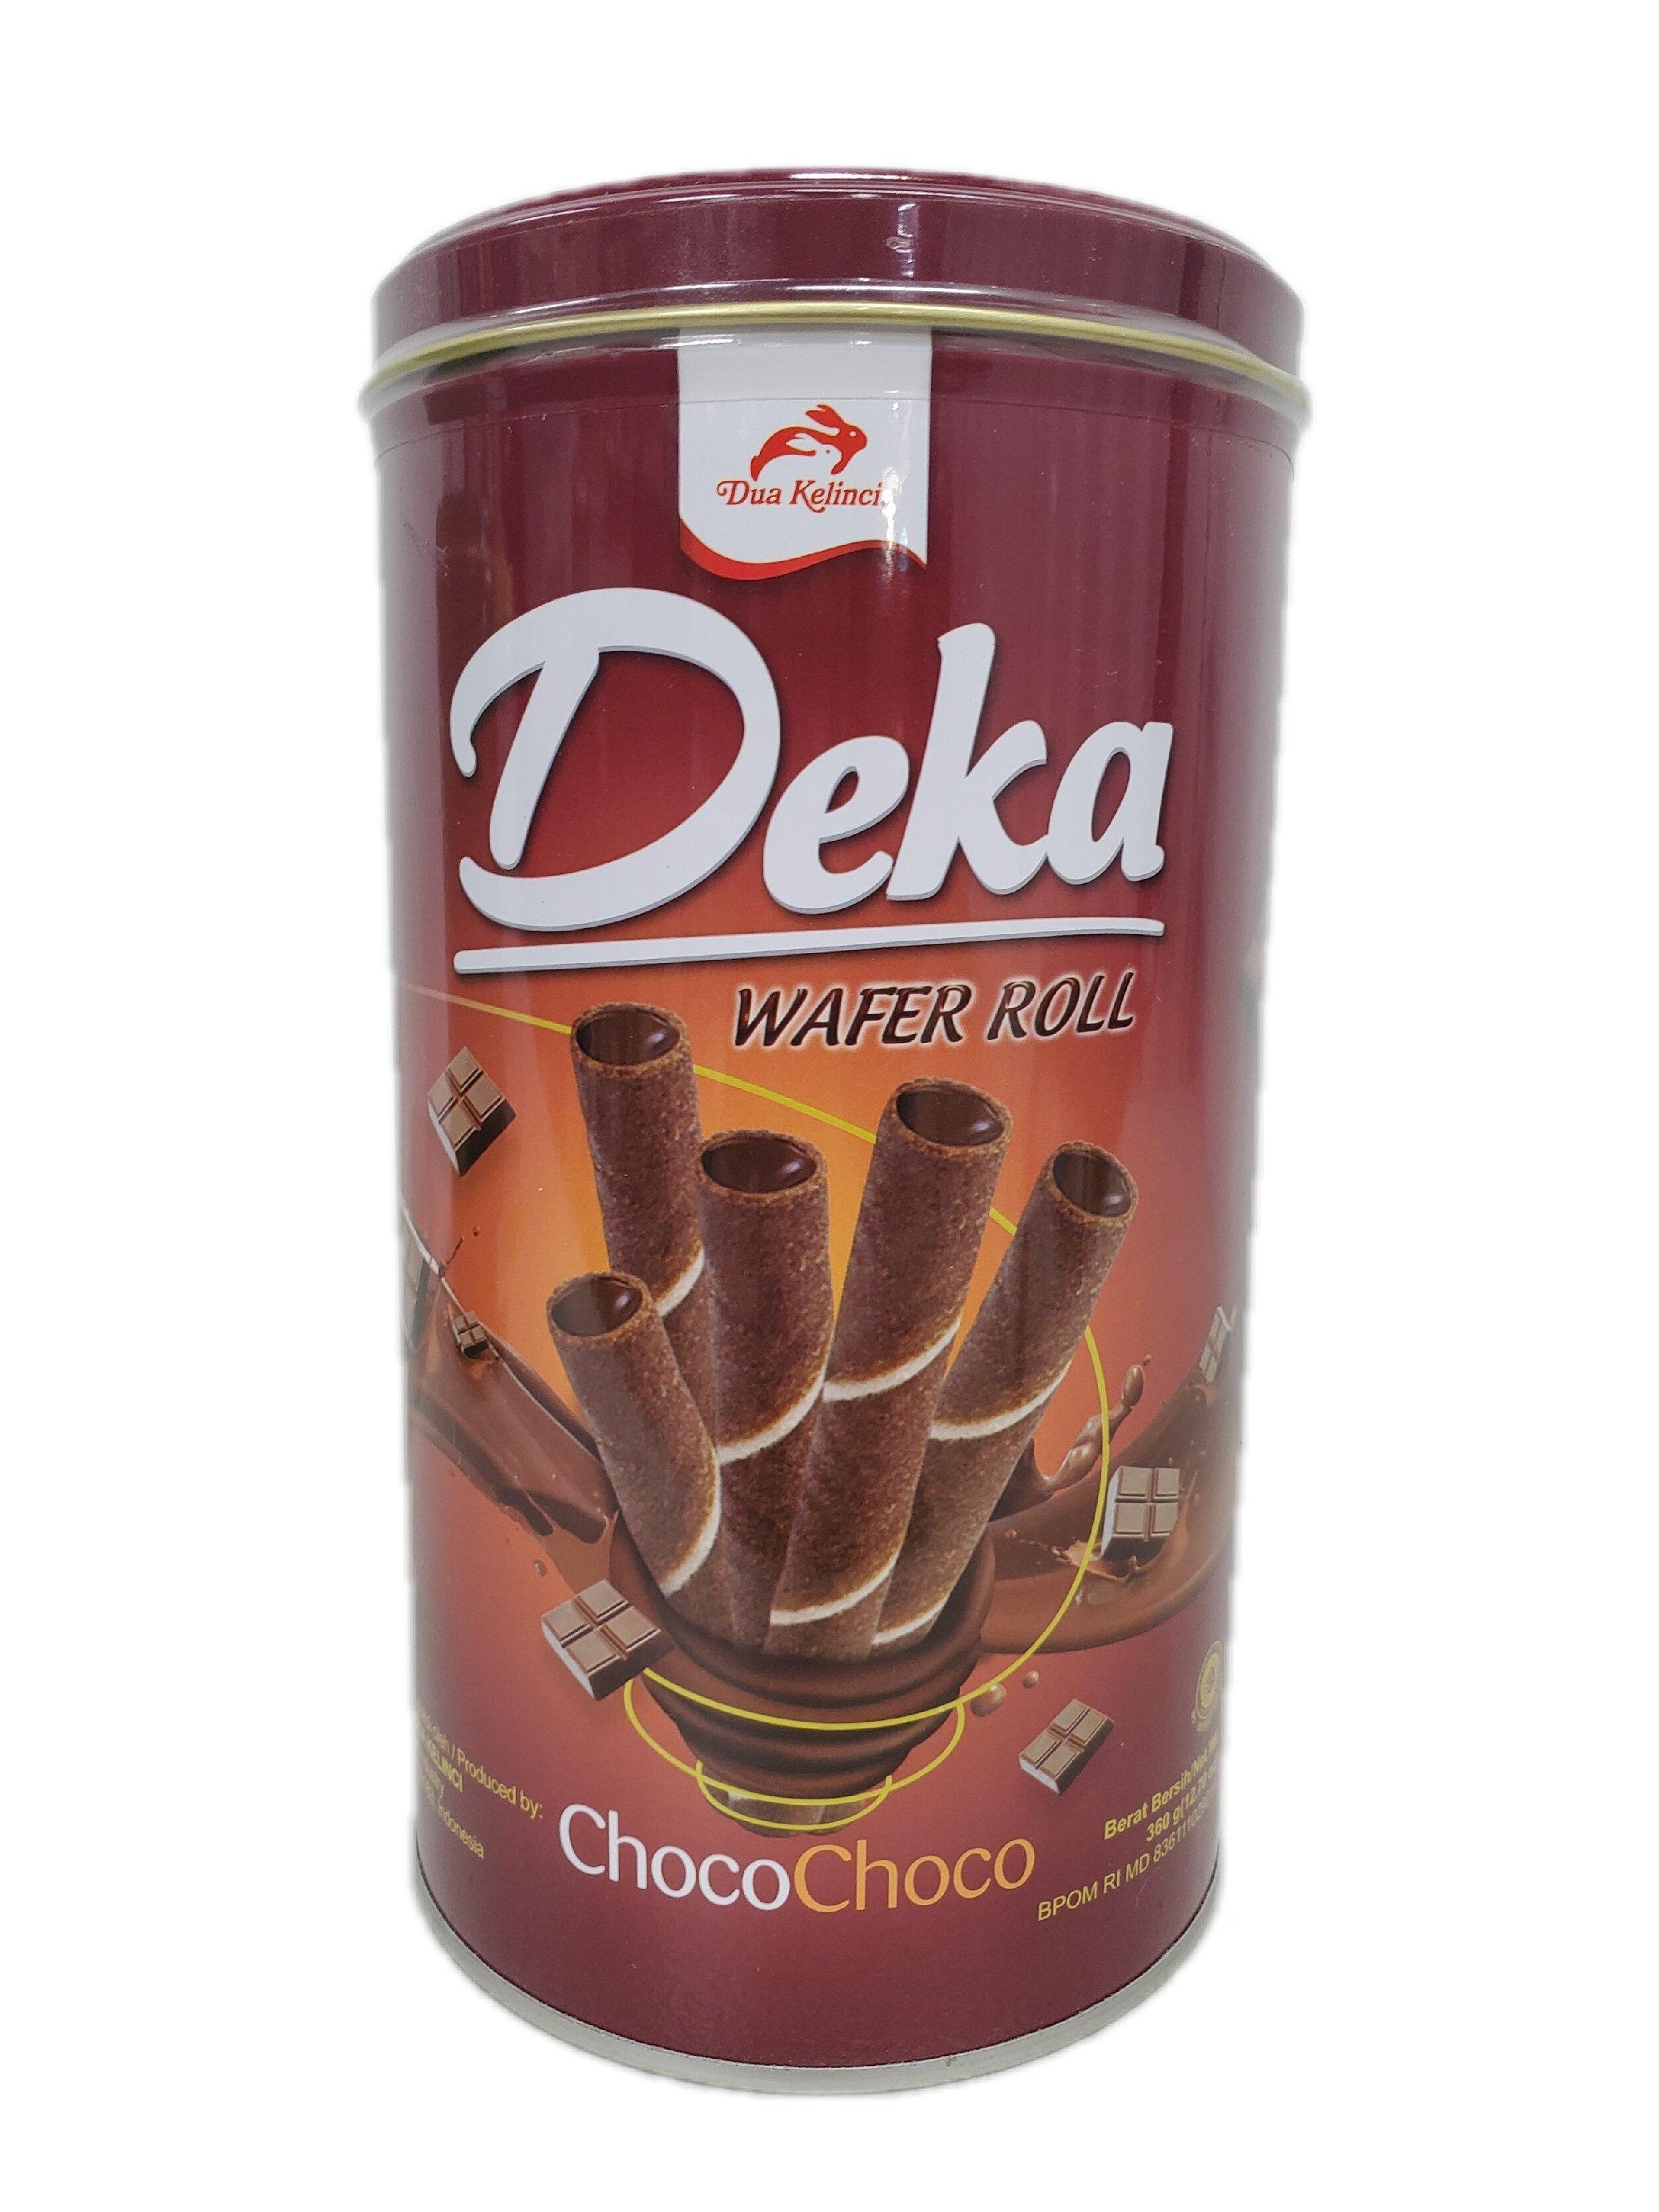 medium dua kelinci deka wafer roll choco choco flavor 1270 oz 01zIo6qJA